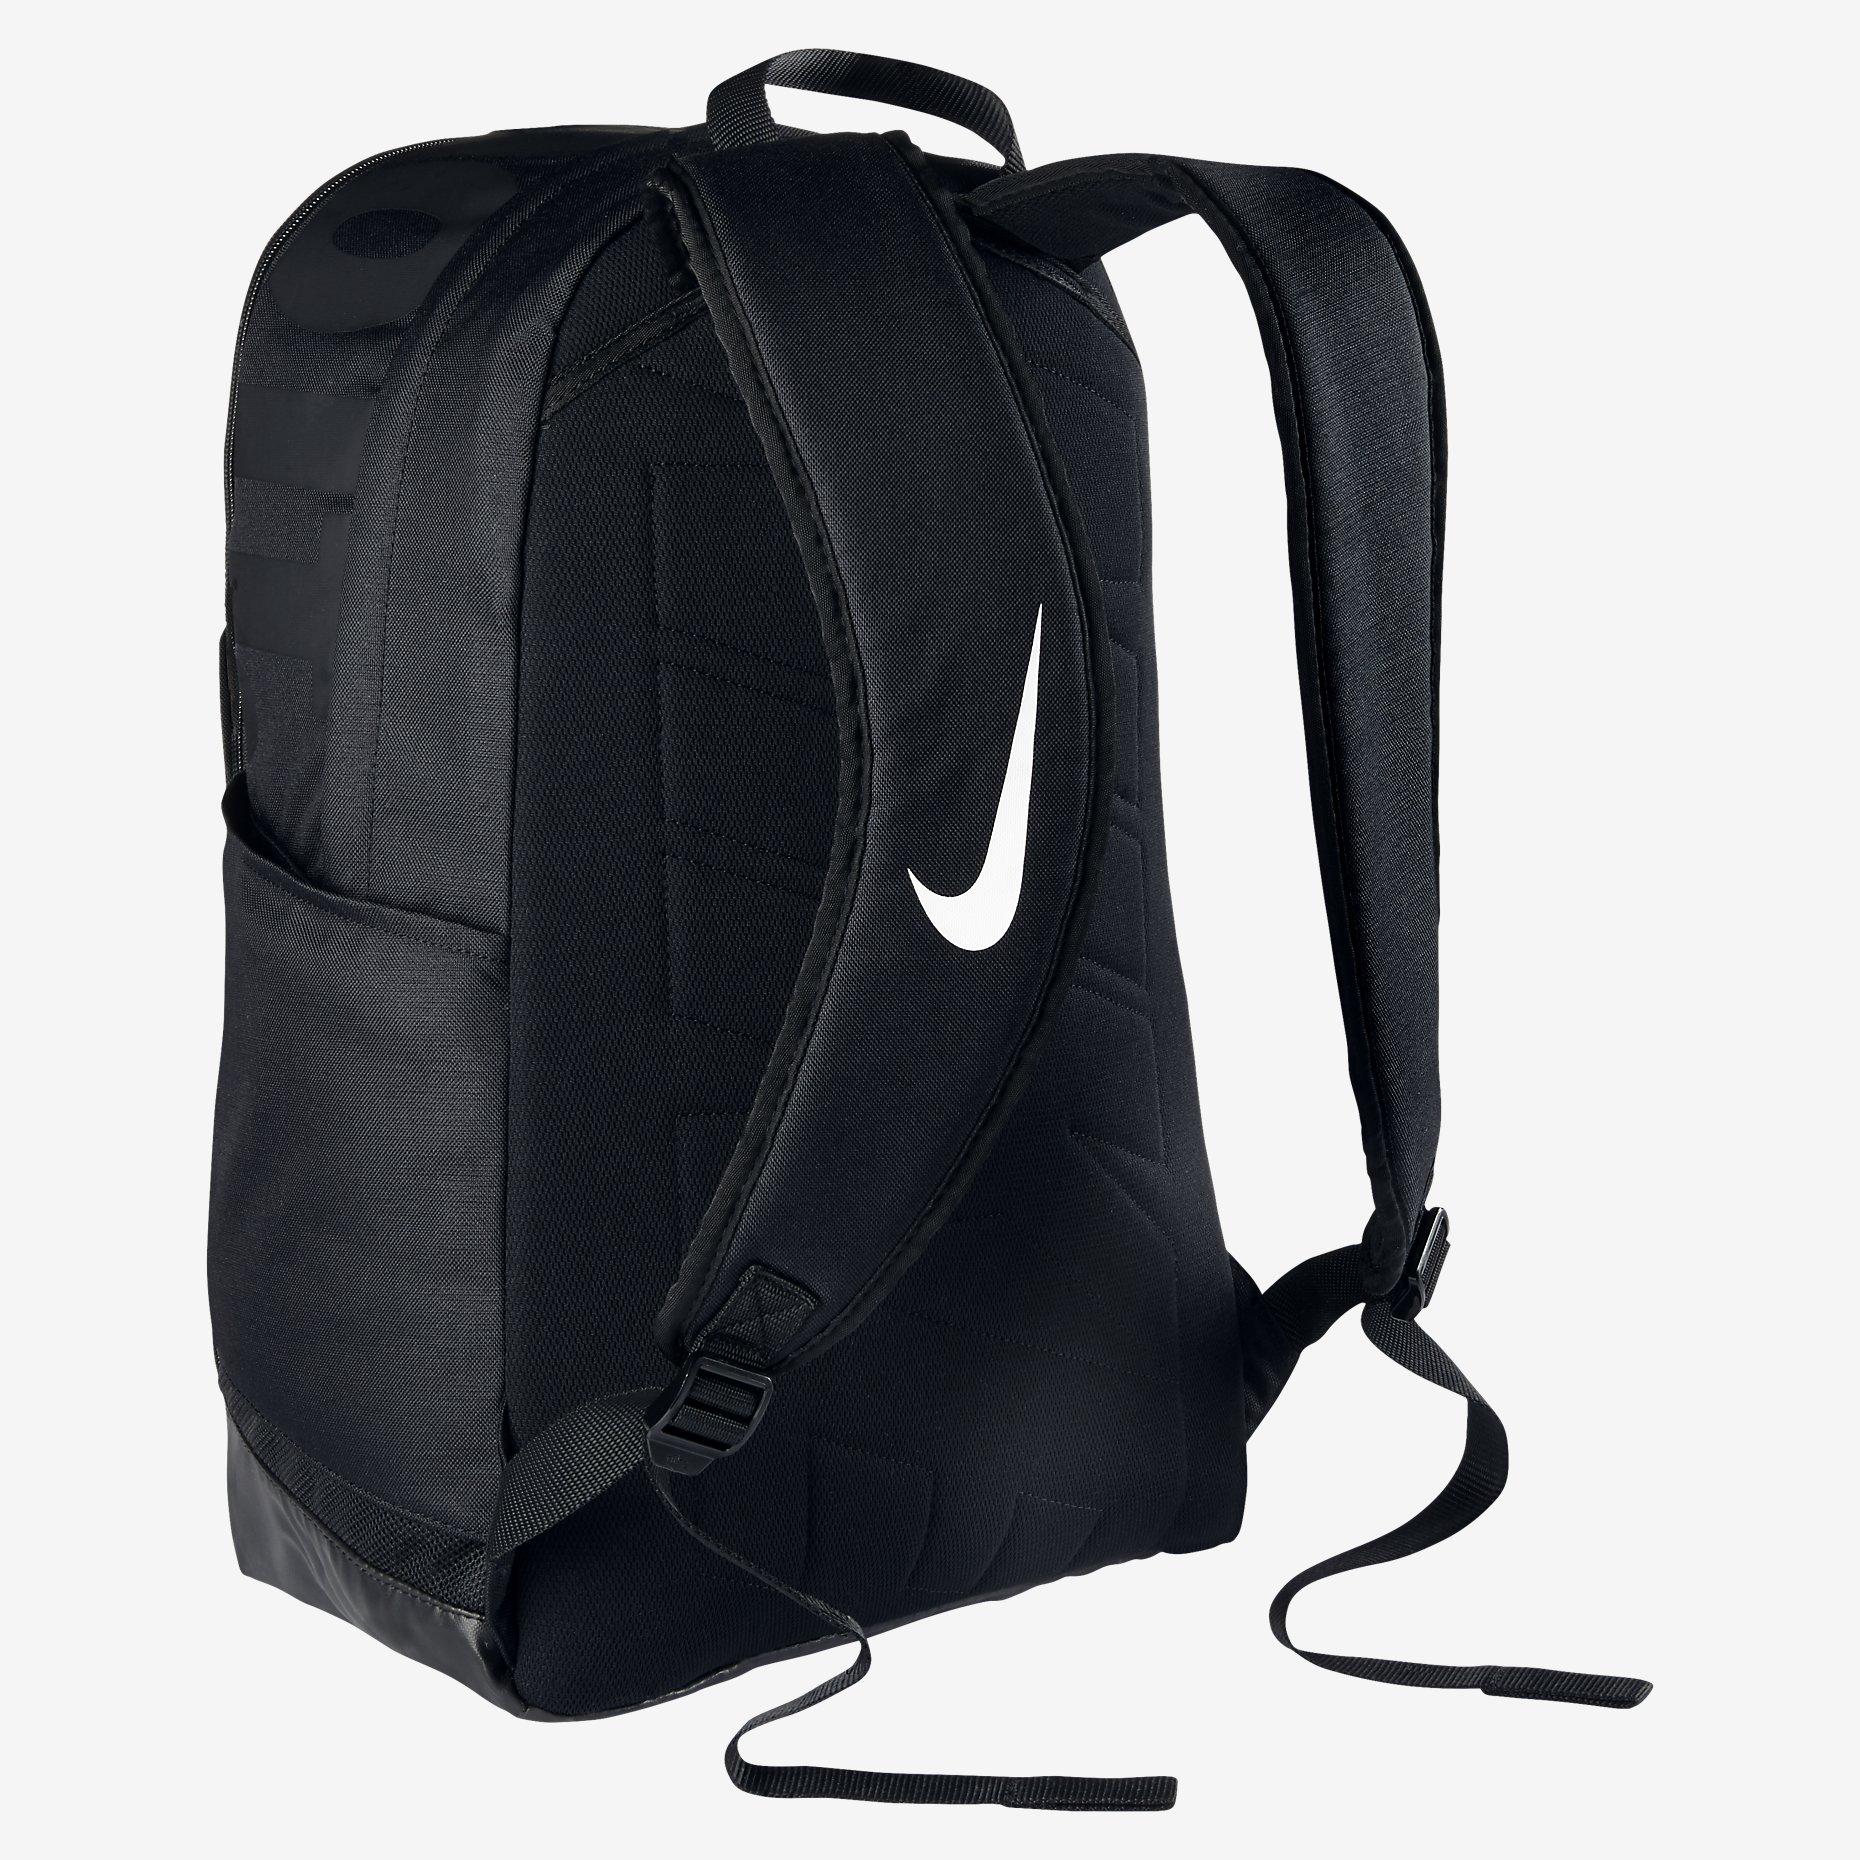 brasilia-extra-large-training-backpack (1).jpg